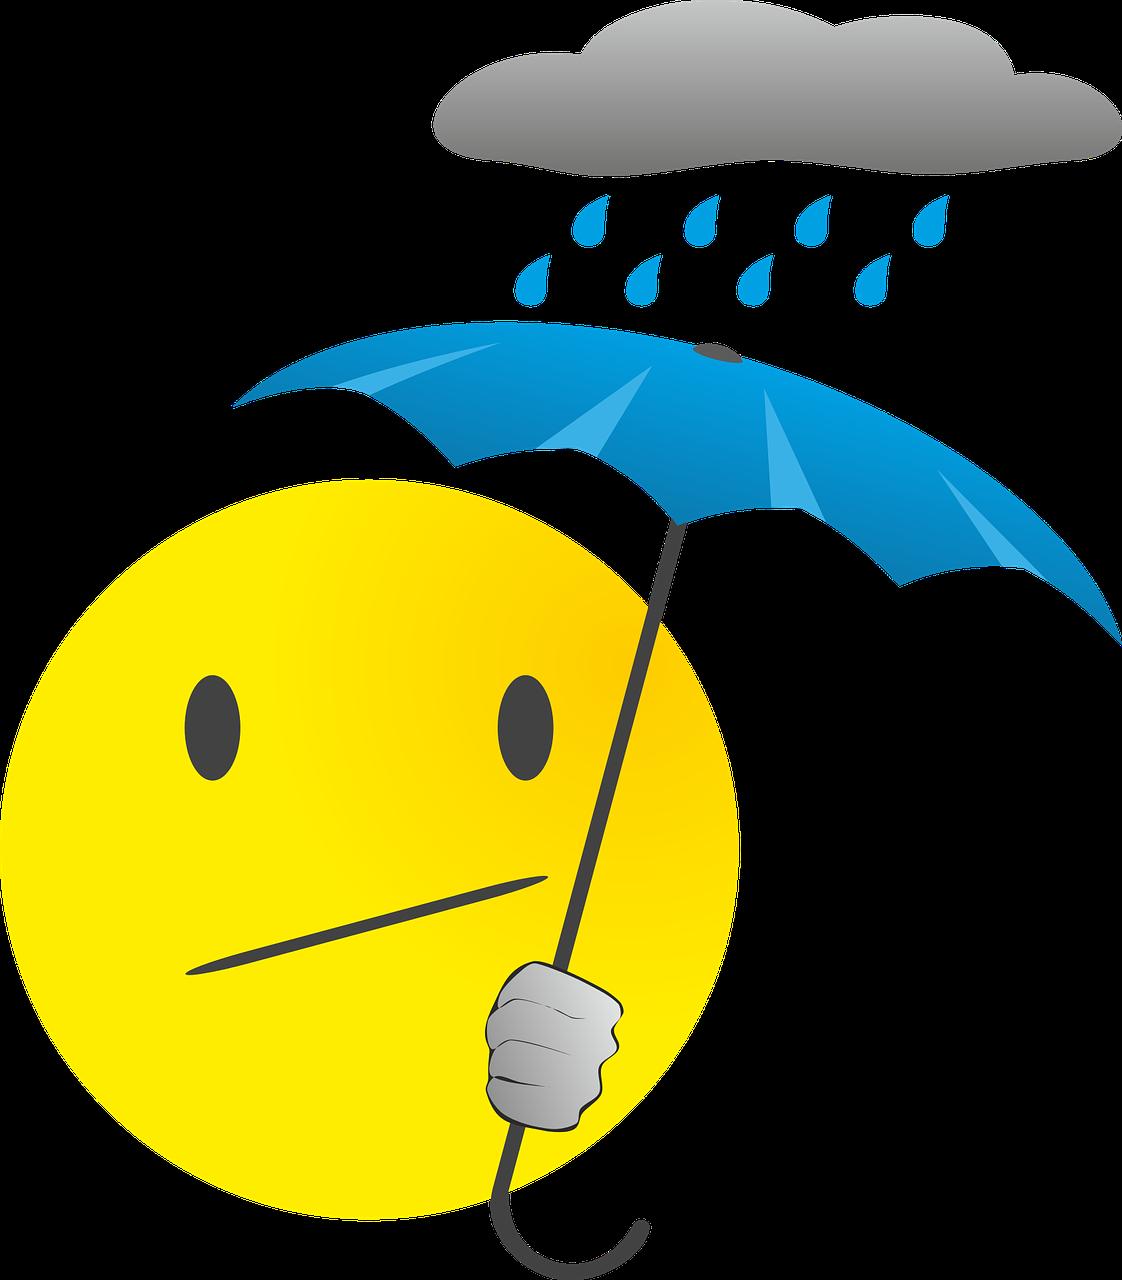 Smiley Émoticône Pluie - Images vectorielles gratuites sur Pixabay